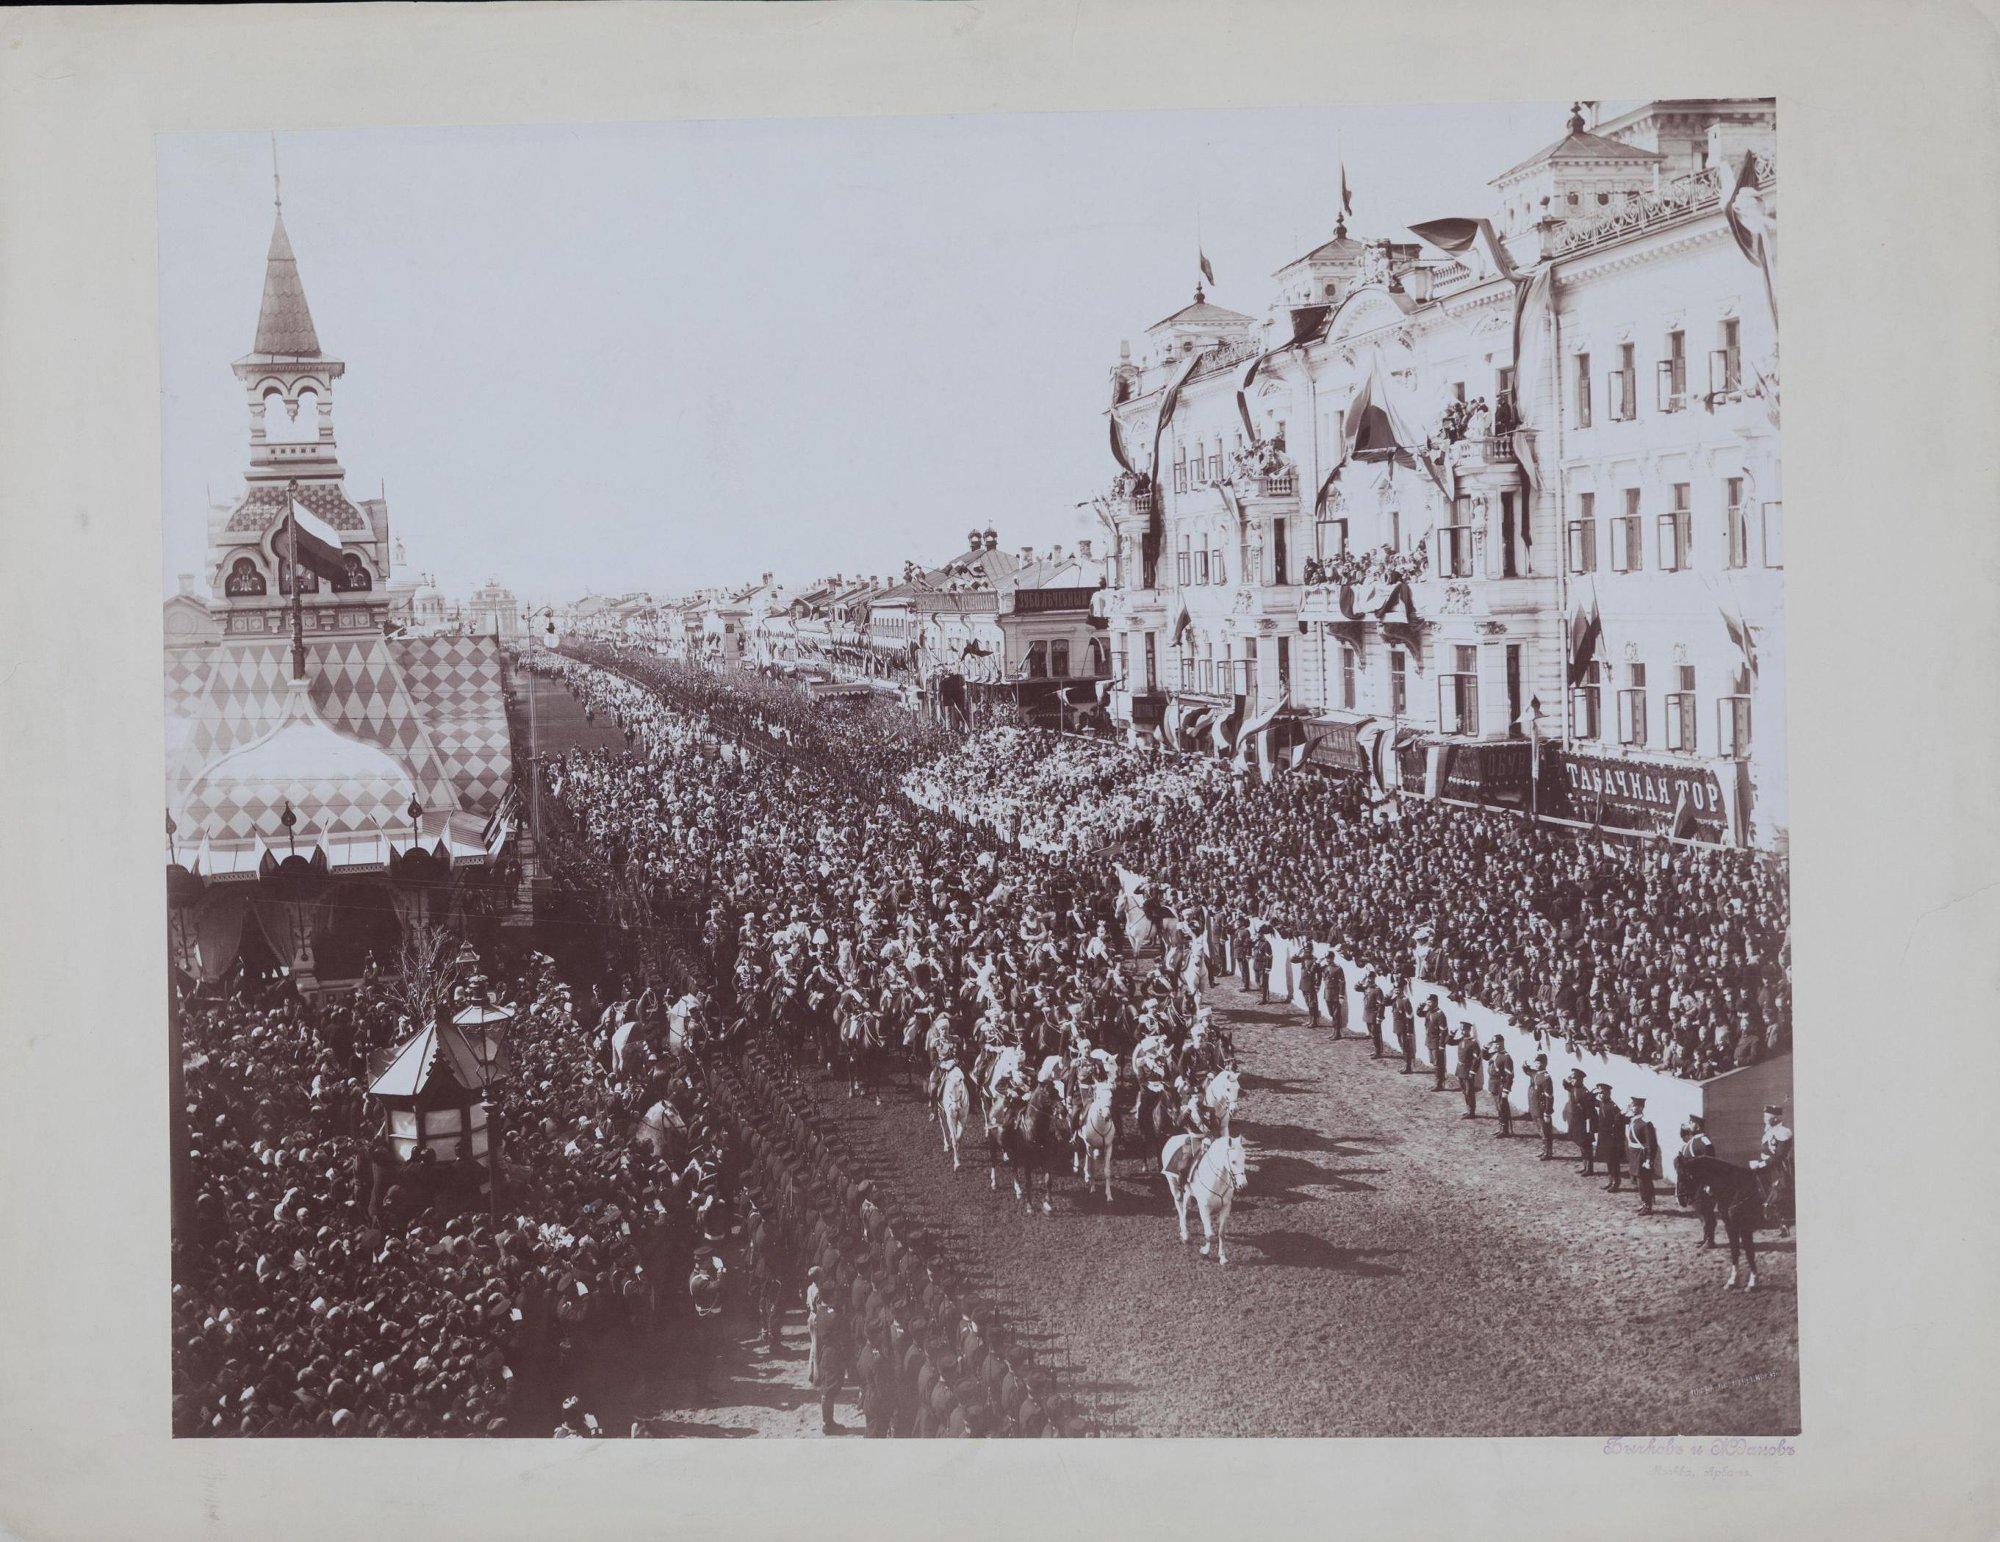 Коронационное шествие императора Николая II по улицам Москвы